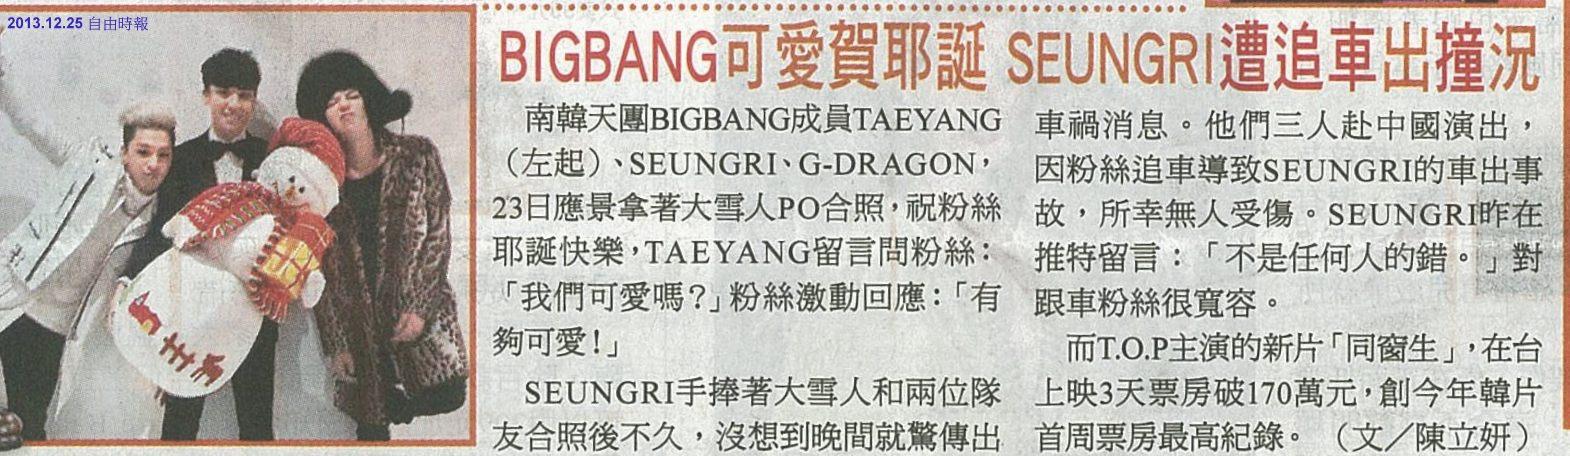 NP露出_2013.12.25_《同窗生》_自由時報_BIGBANG可愛賀耶誕 SEUNGRI遭追車出撞況